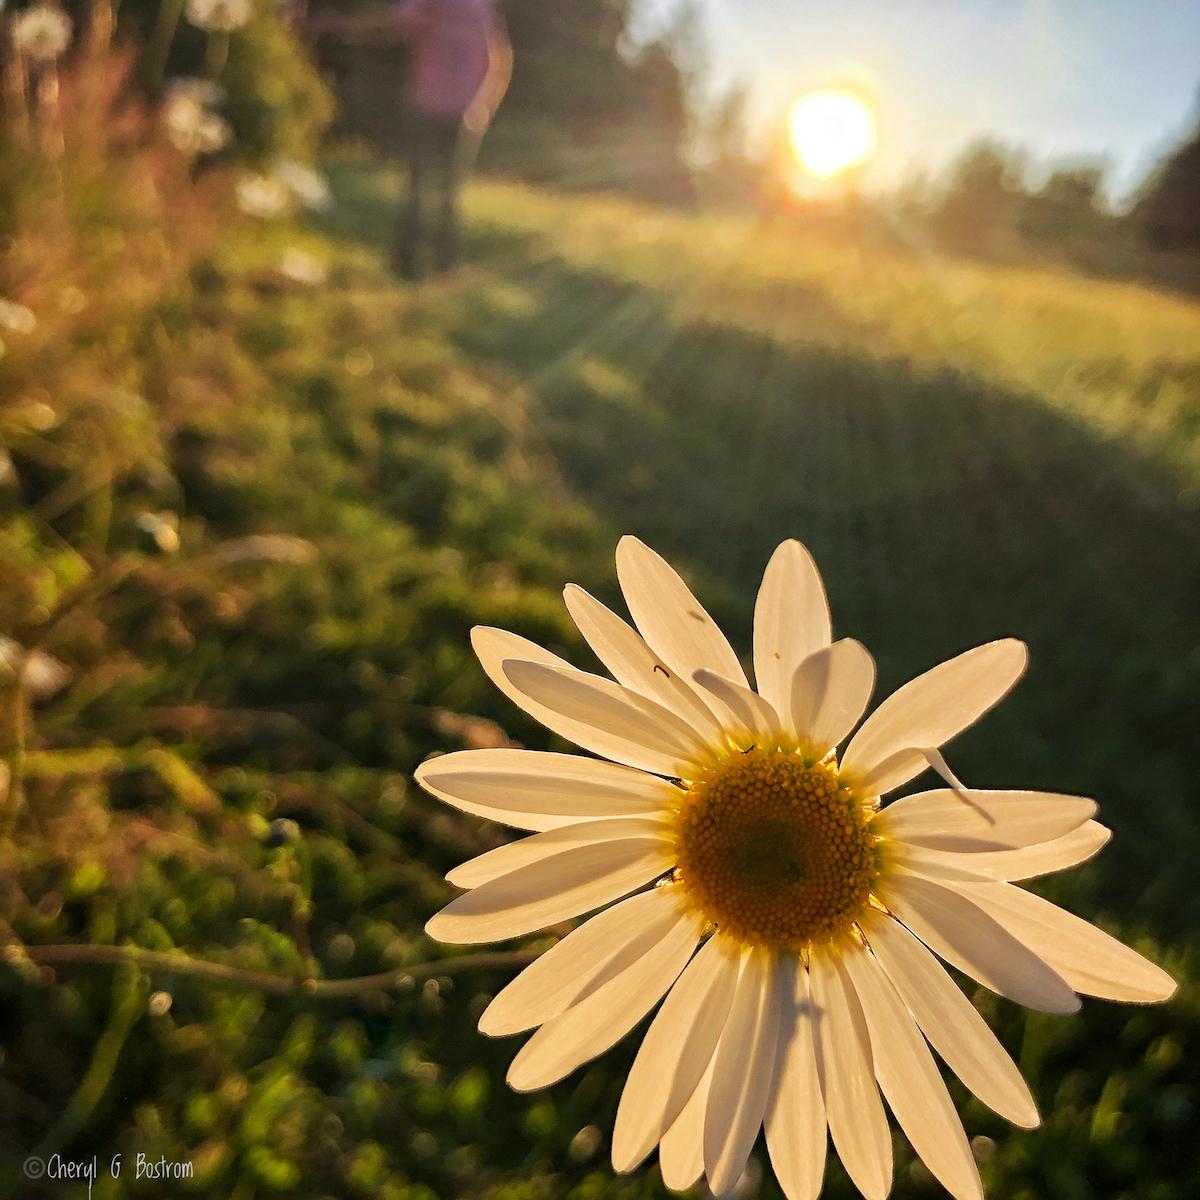 daisy-petals-screen-sunset-light